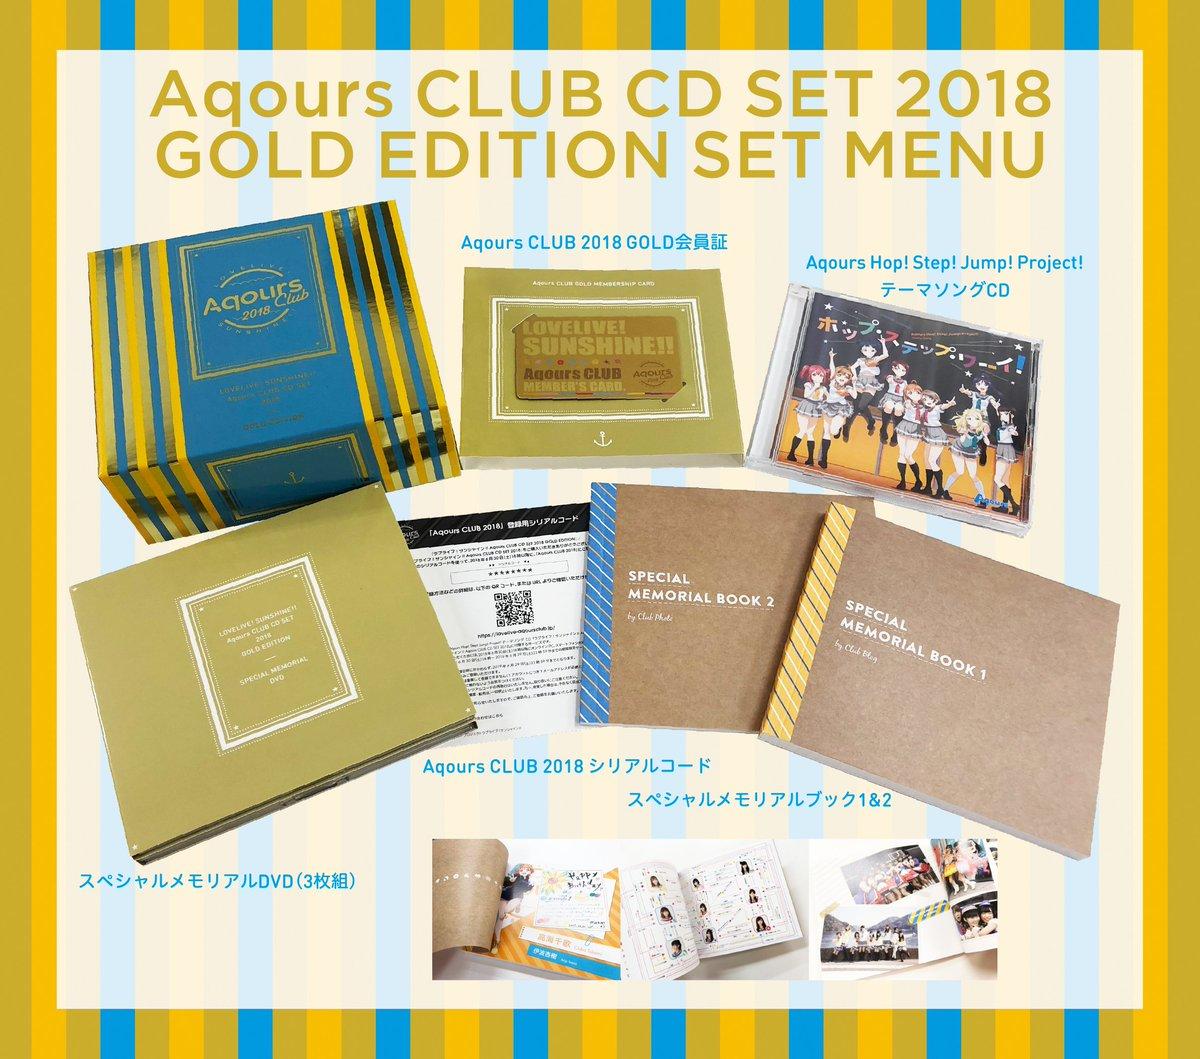 ラブライブ! サンシャイン!! Aqours CLUB CD SET 2018に関する画像12